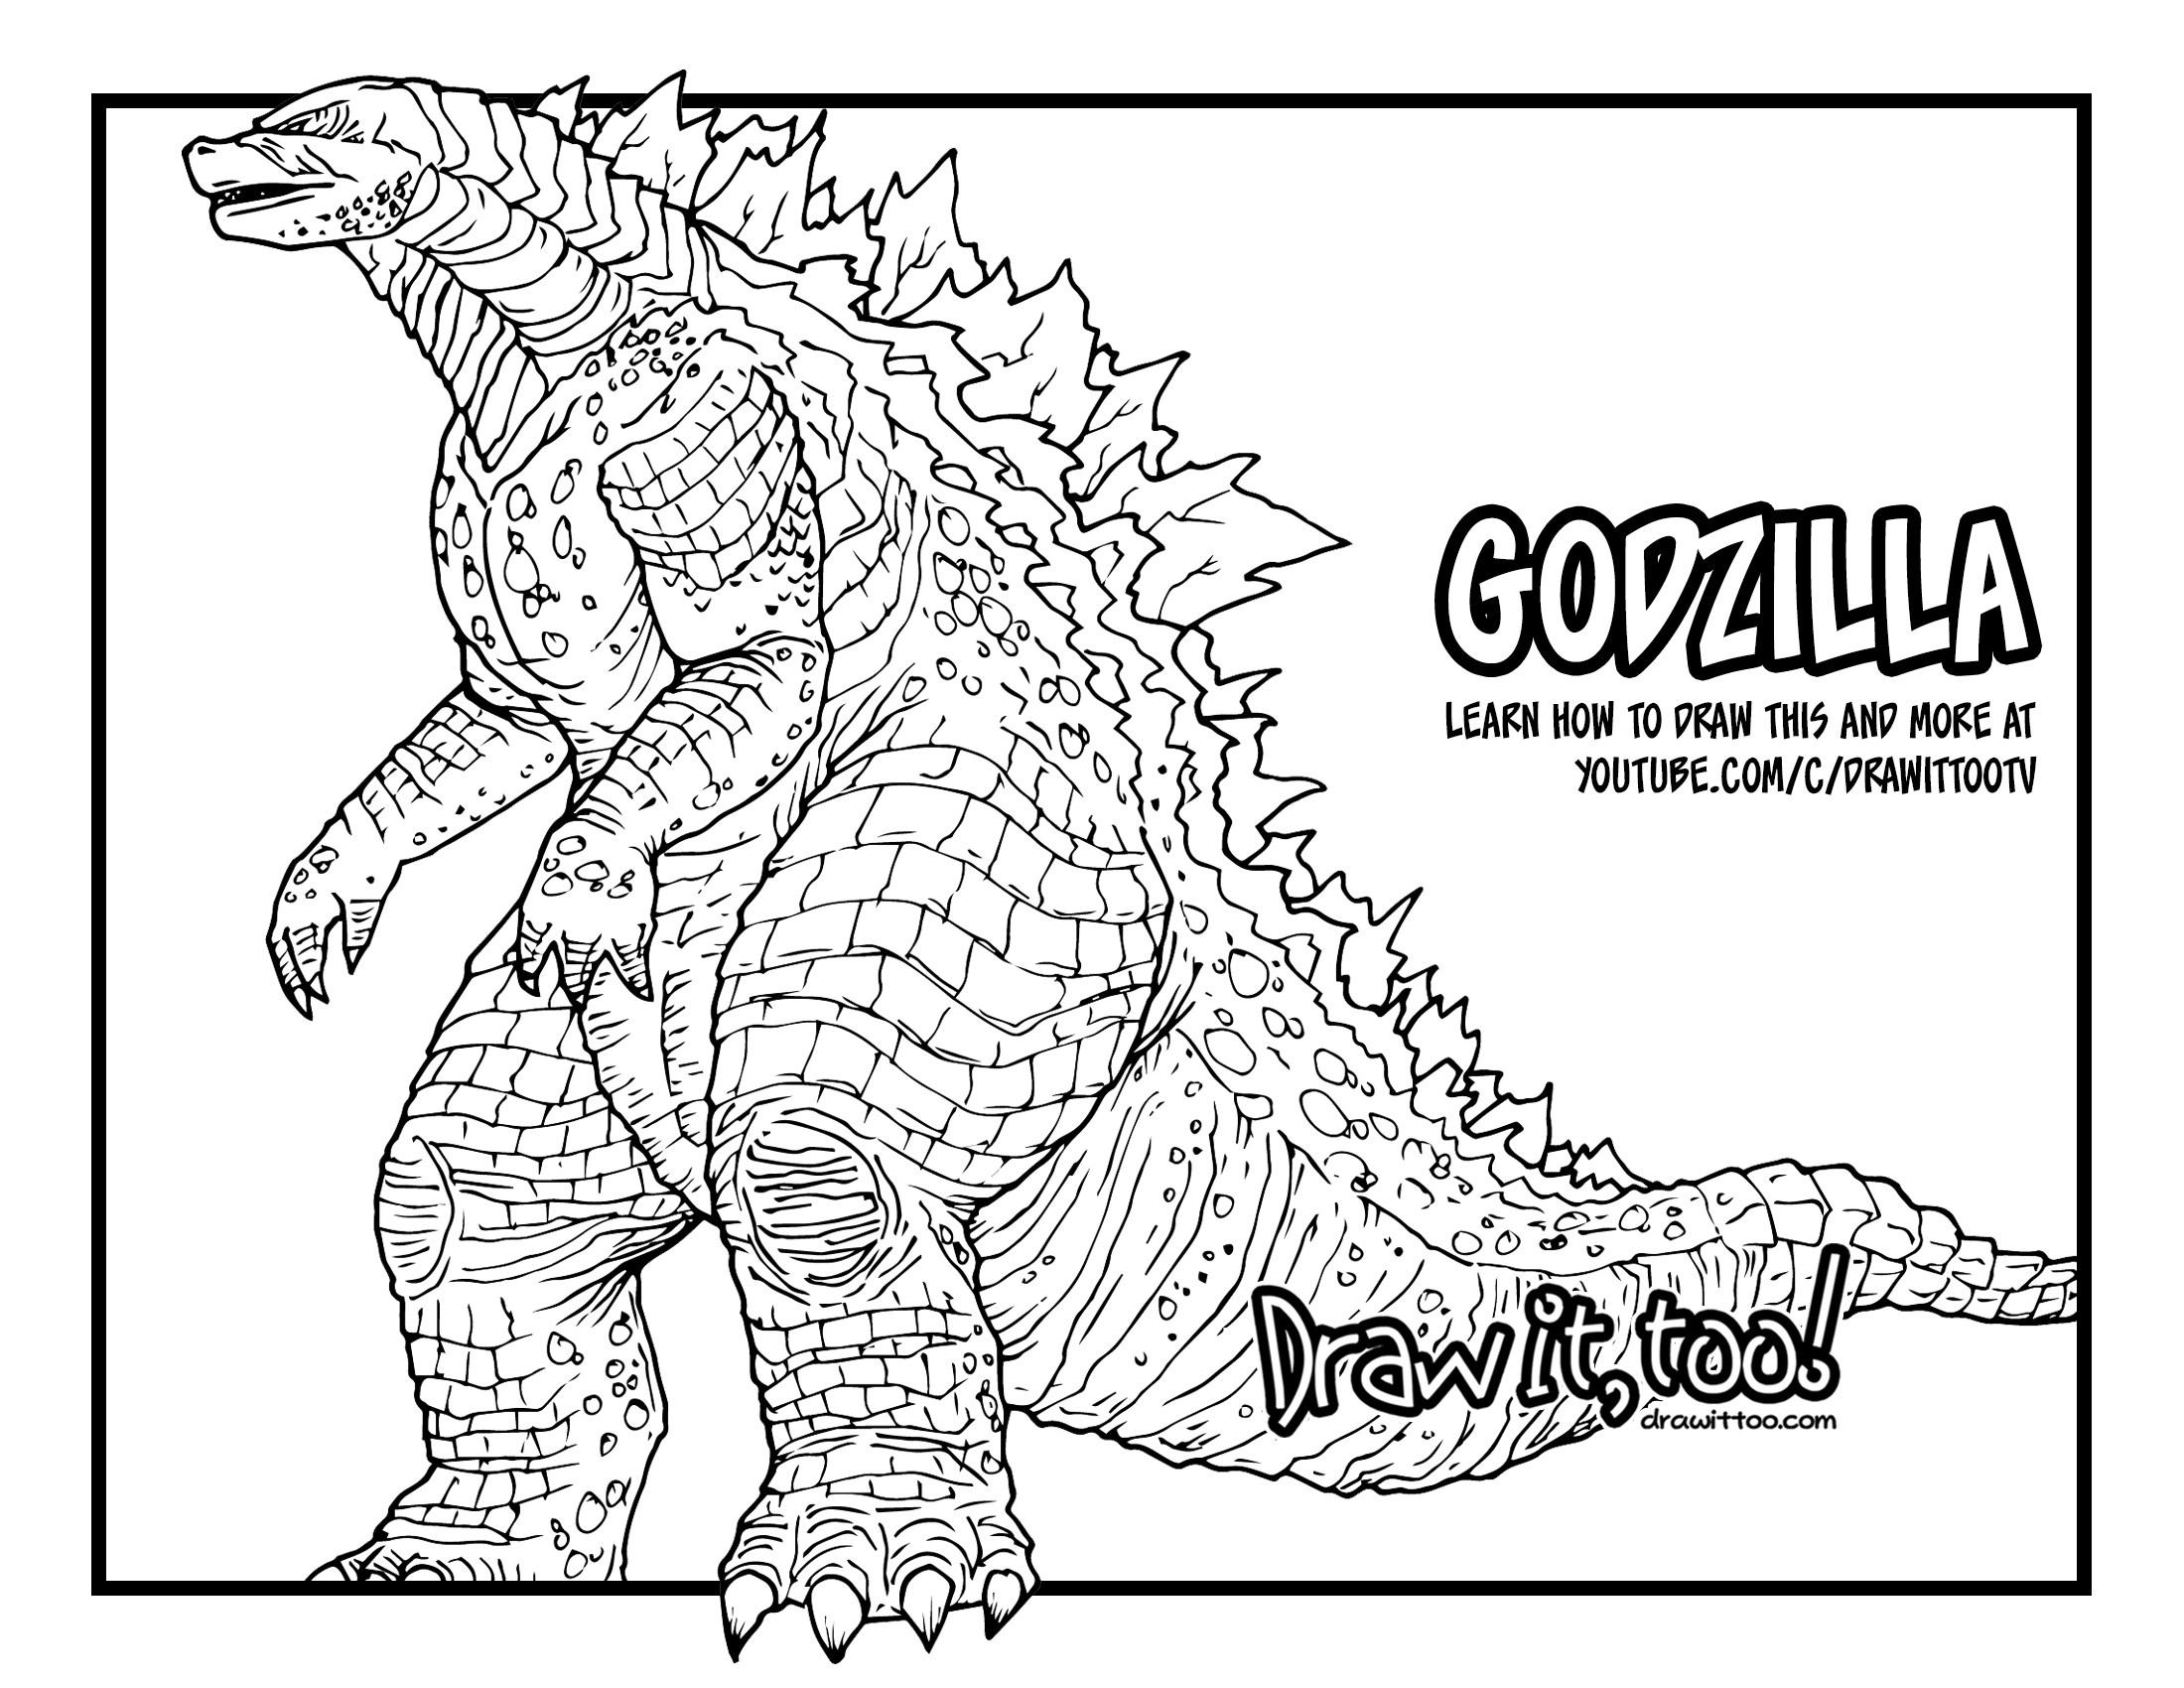 2200x1700 How To Draw Godzilla